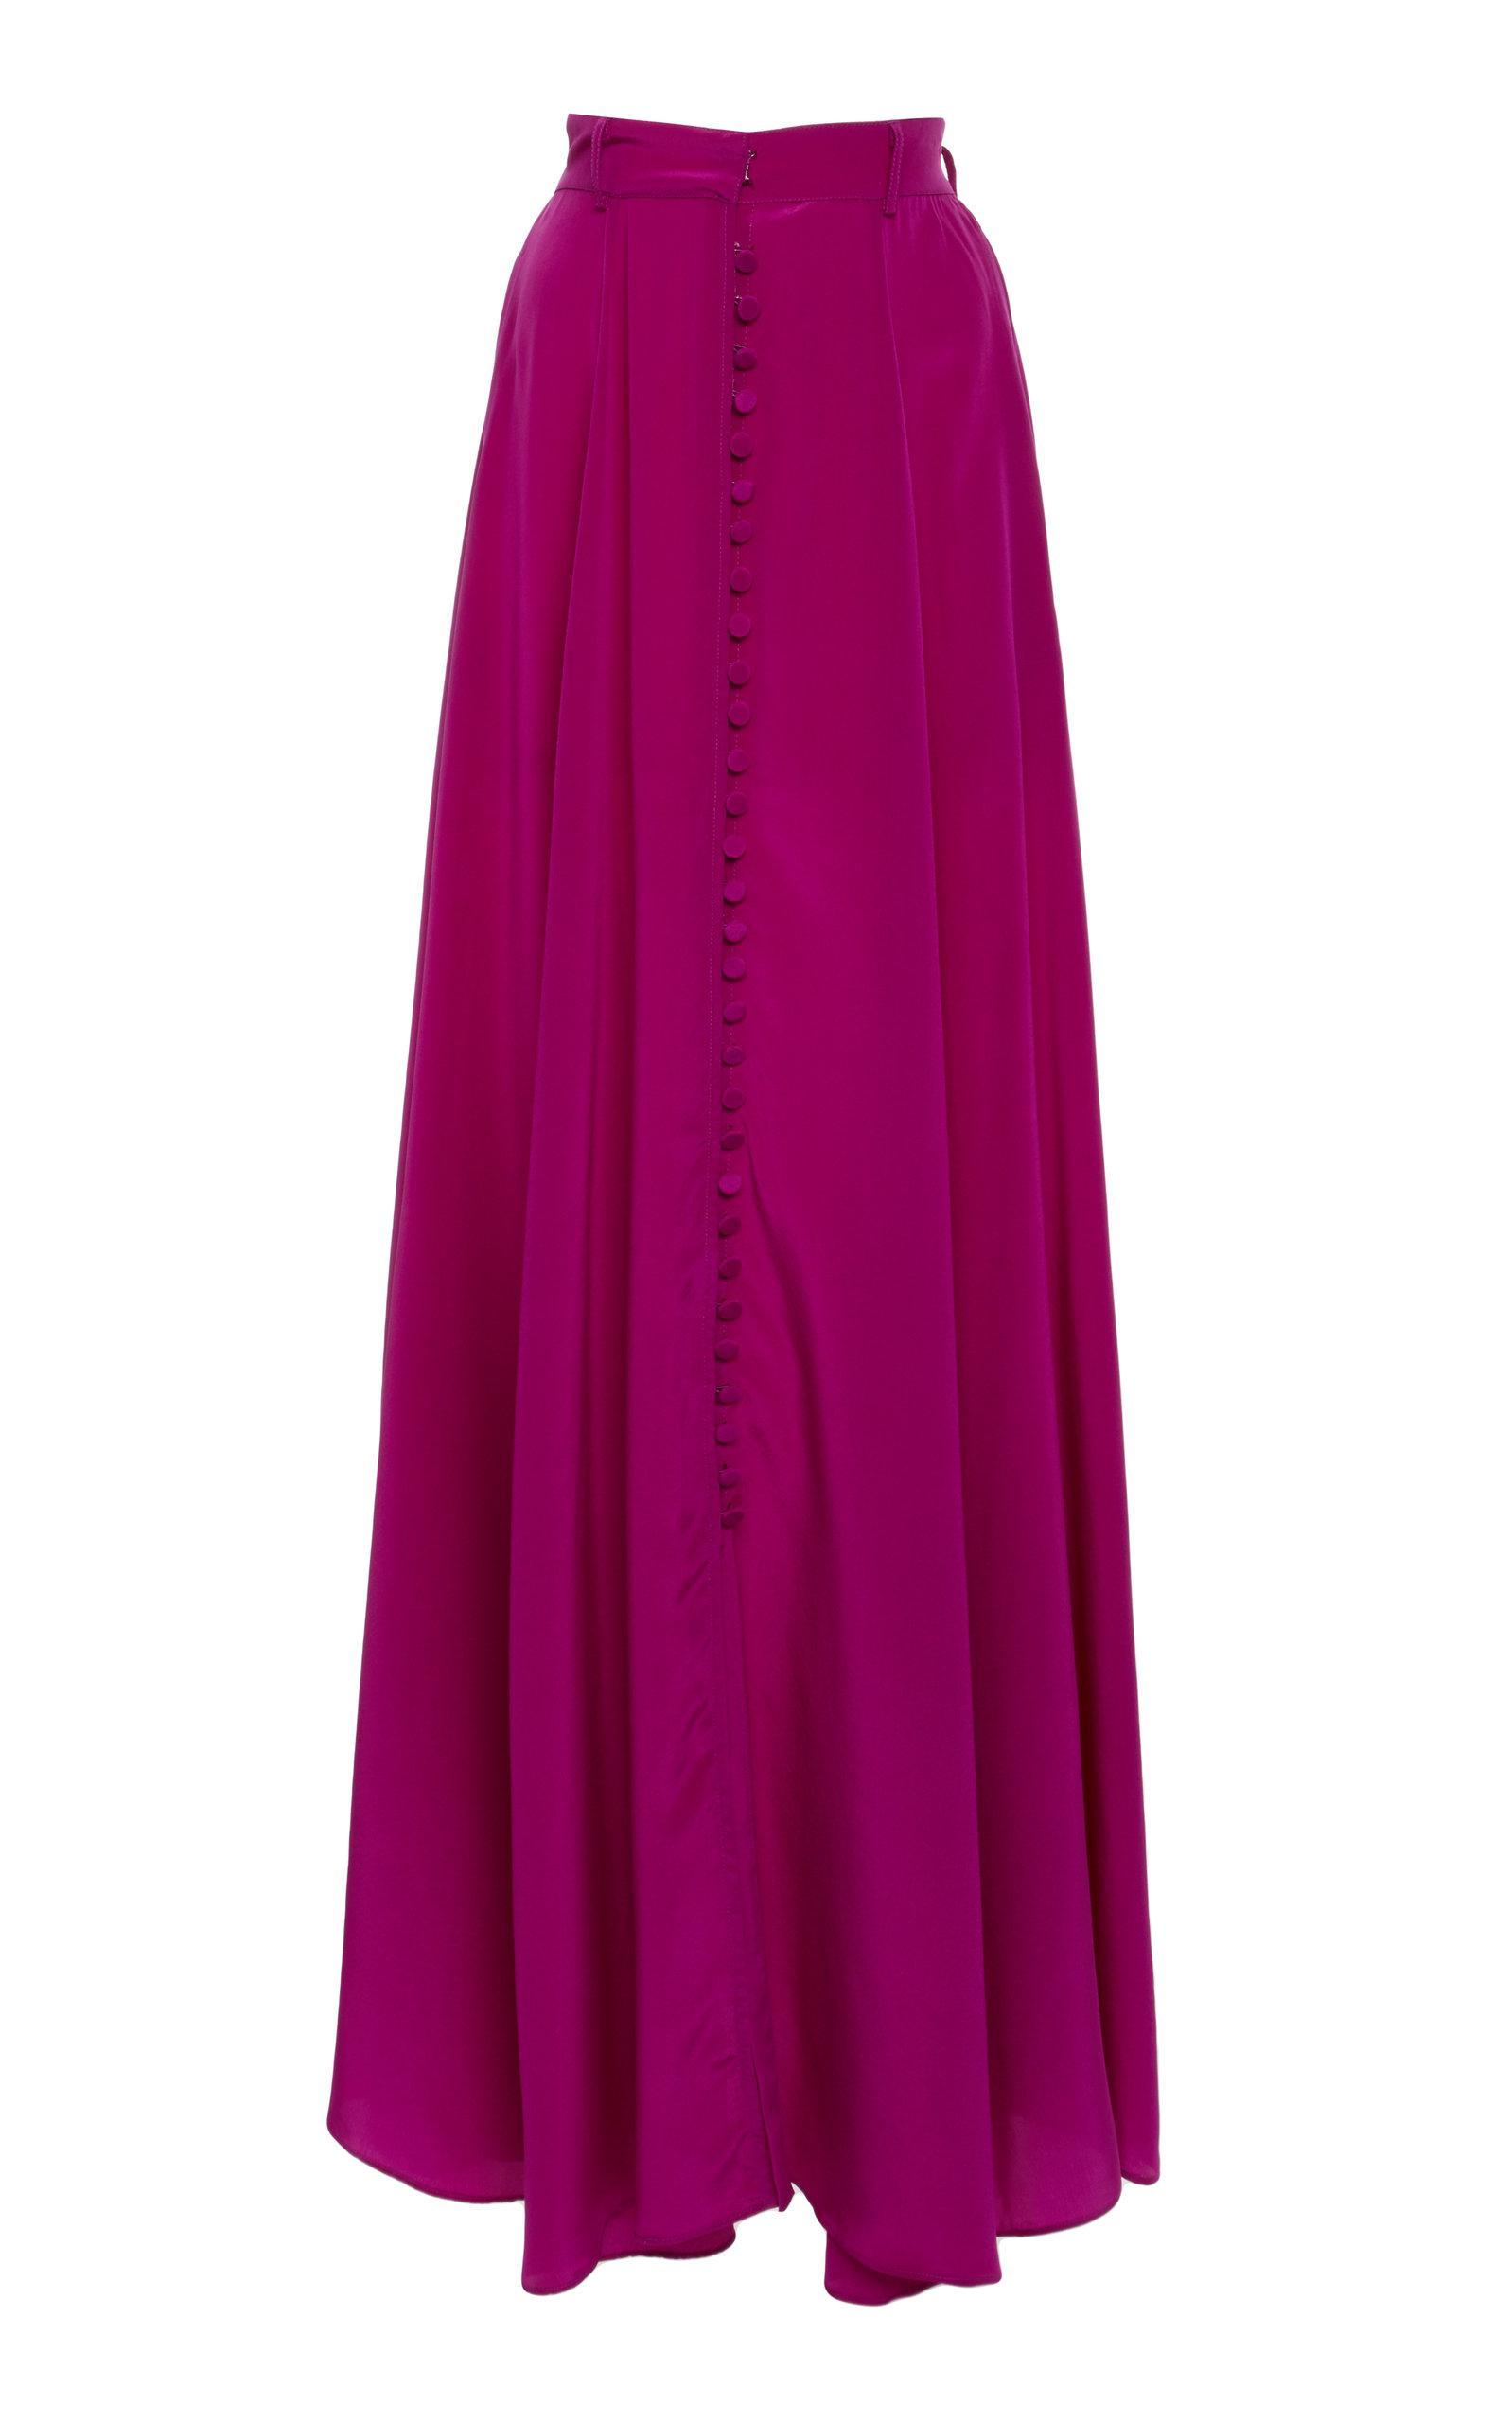 Adam Selman Long Skirt In Pink